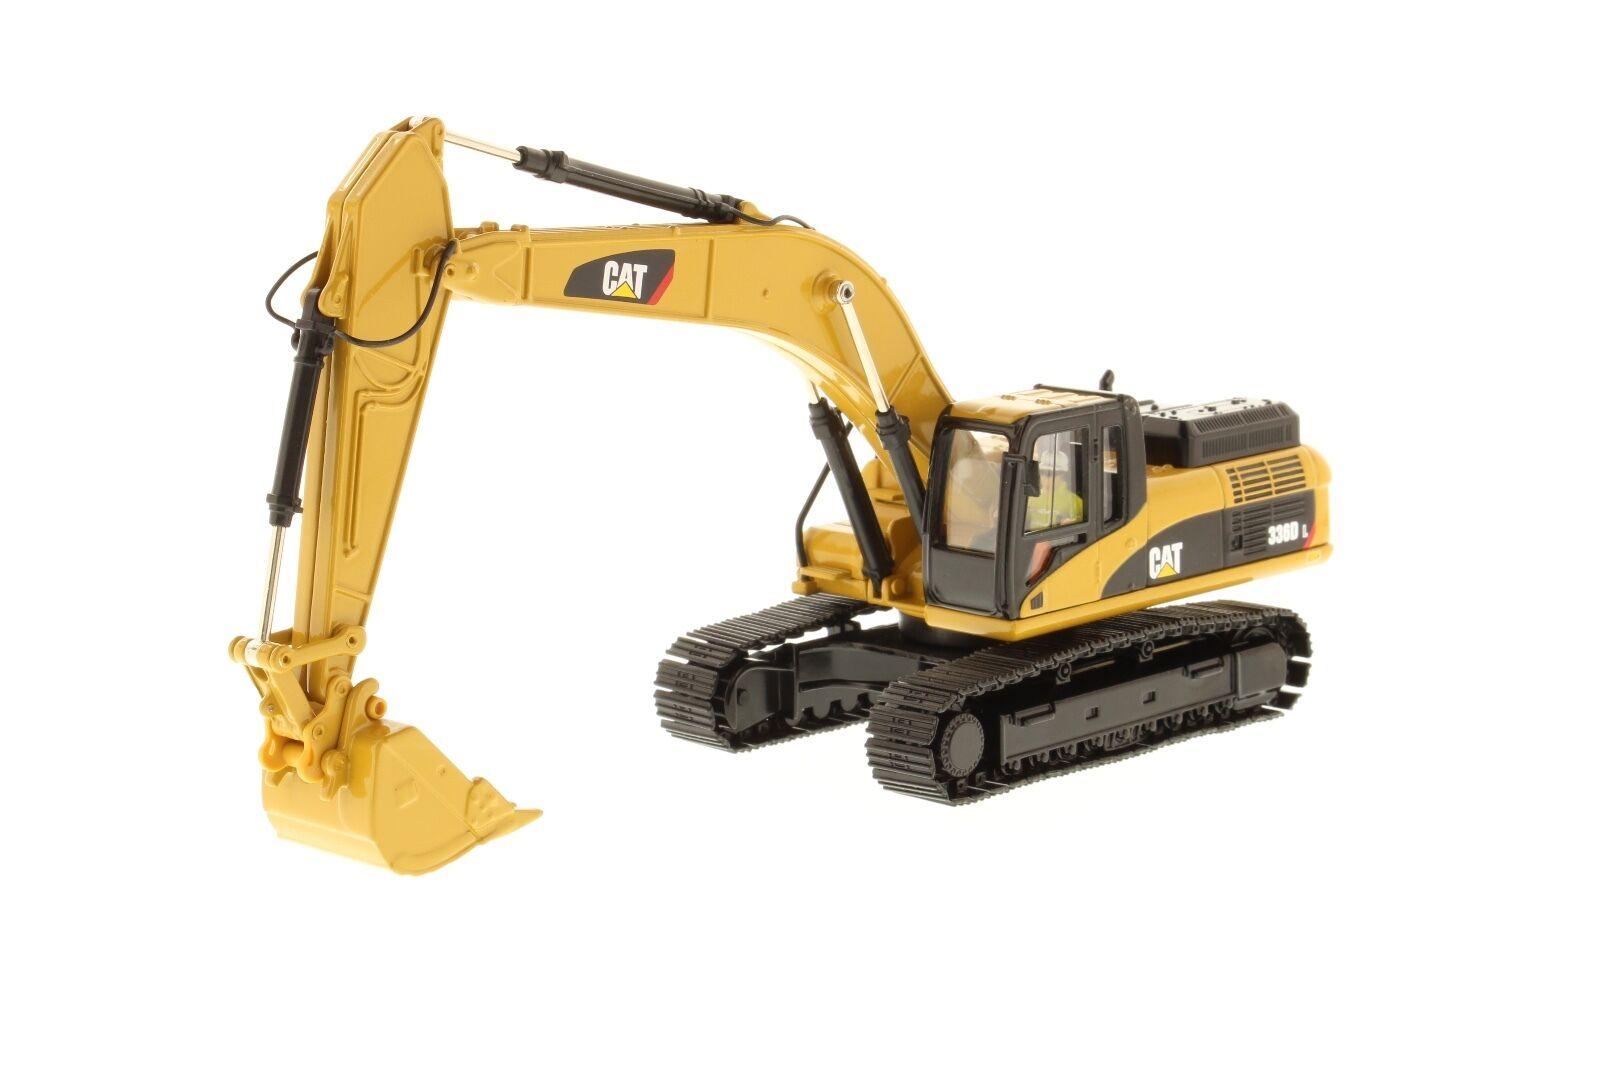 tutto in alta qualità e prezzo basso Caterpillar® 1 50 scale Cat 336D L Hydraulic Excavator Excavator Excavator - Diecast Masters 85241  autorizzazione ufficiale